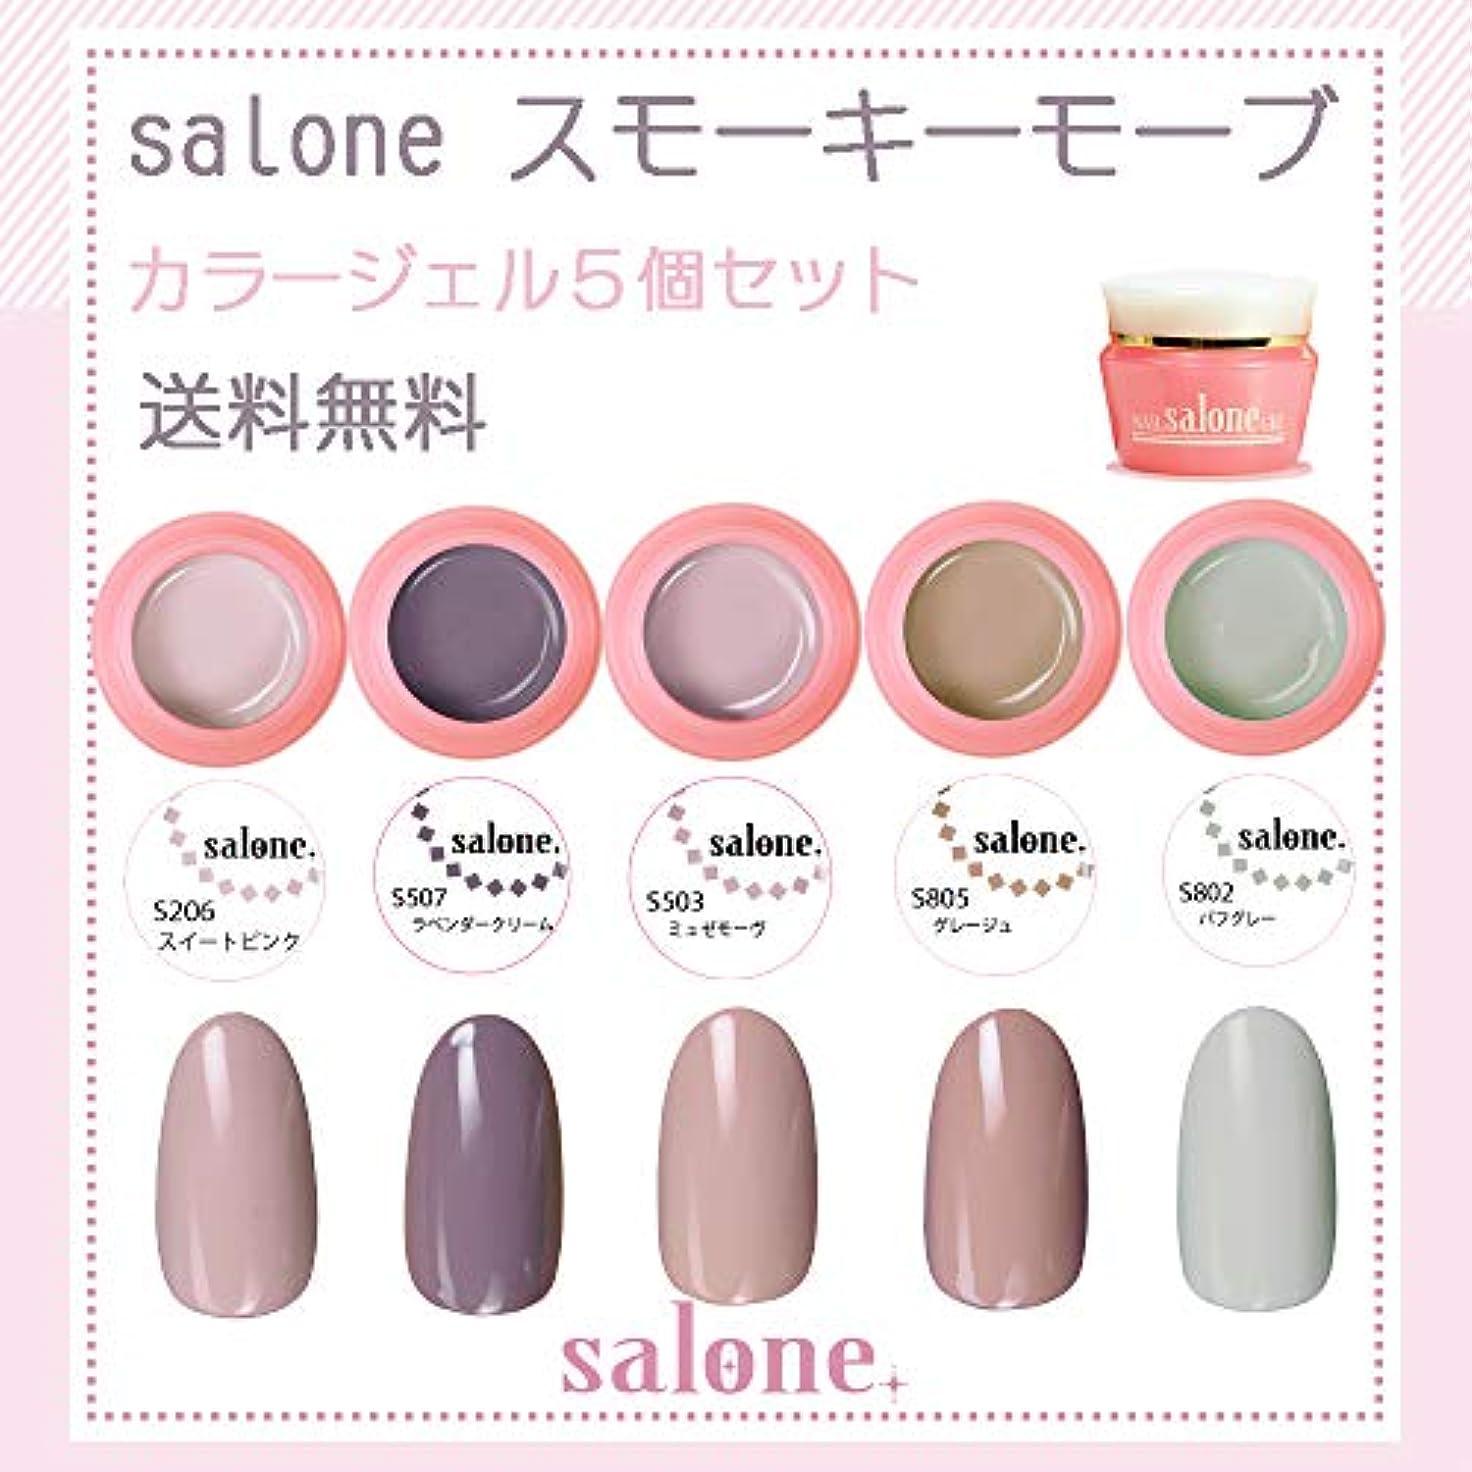 個人的に栄光過度に【送料無料 日本製】Salone スモーキーモーブ カラージェル5個セット スモーキーで肌なじみの良い人気カラー